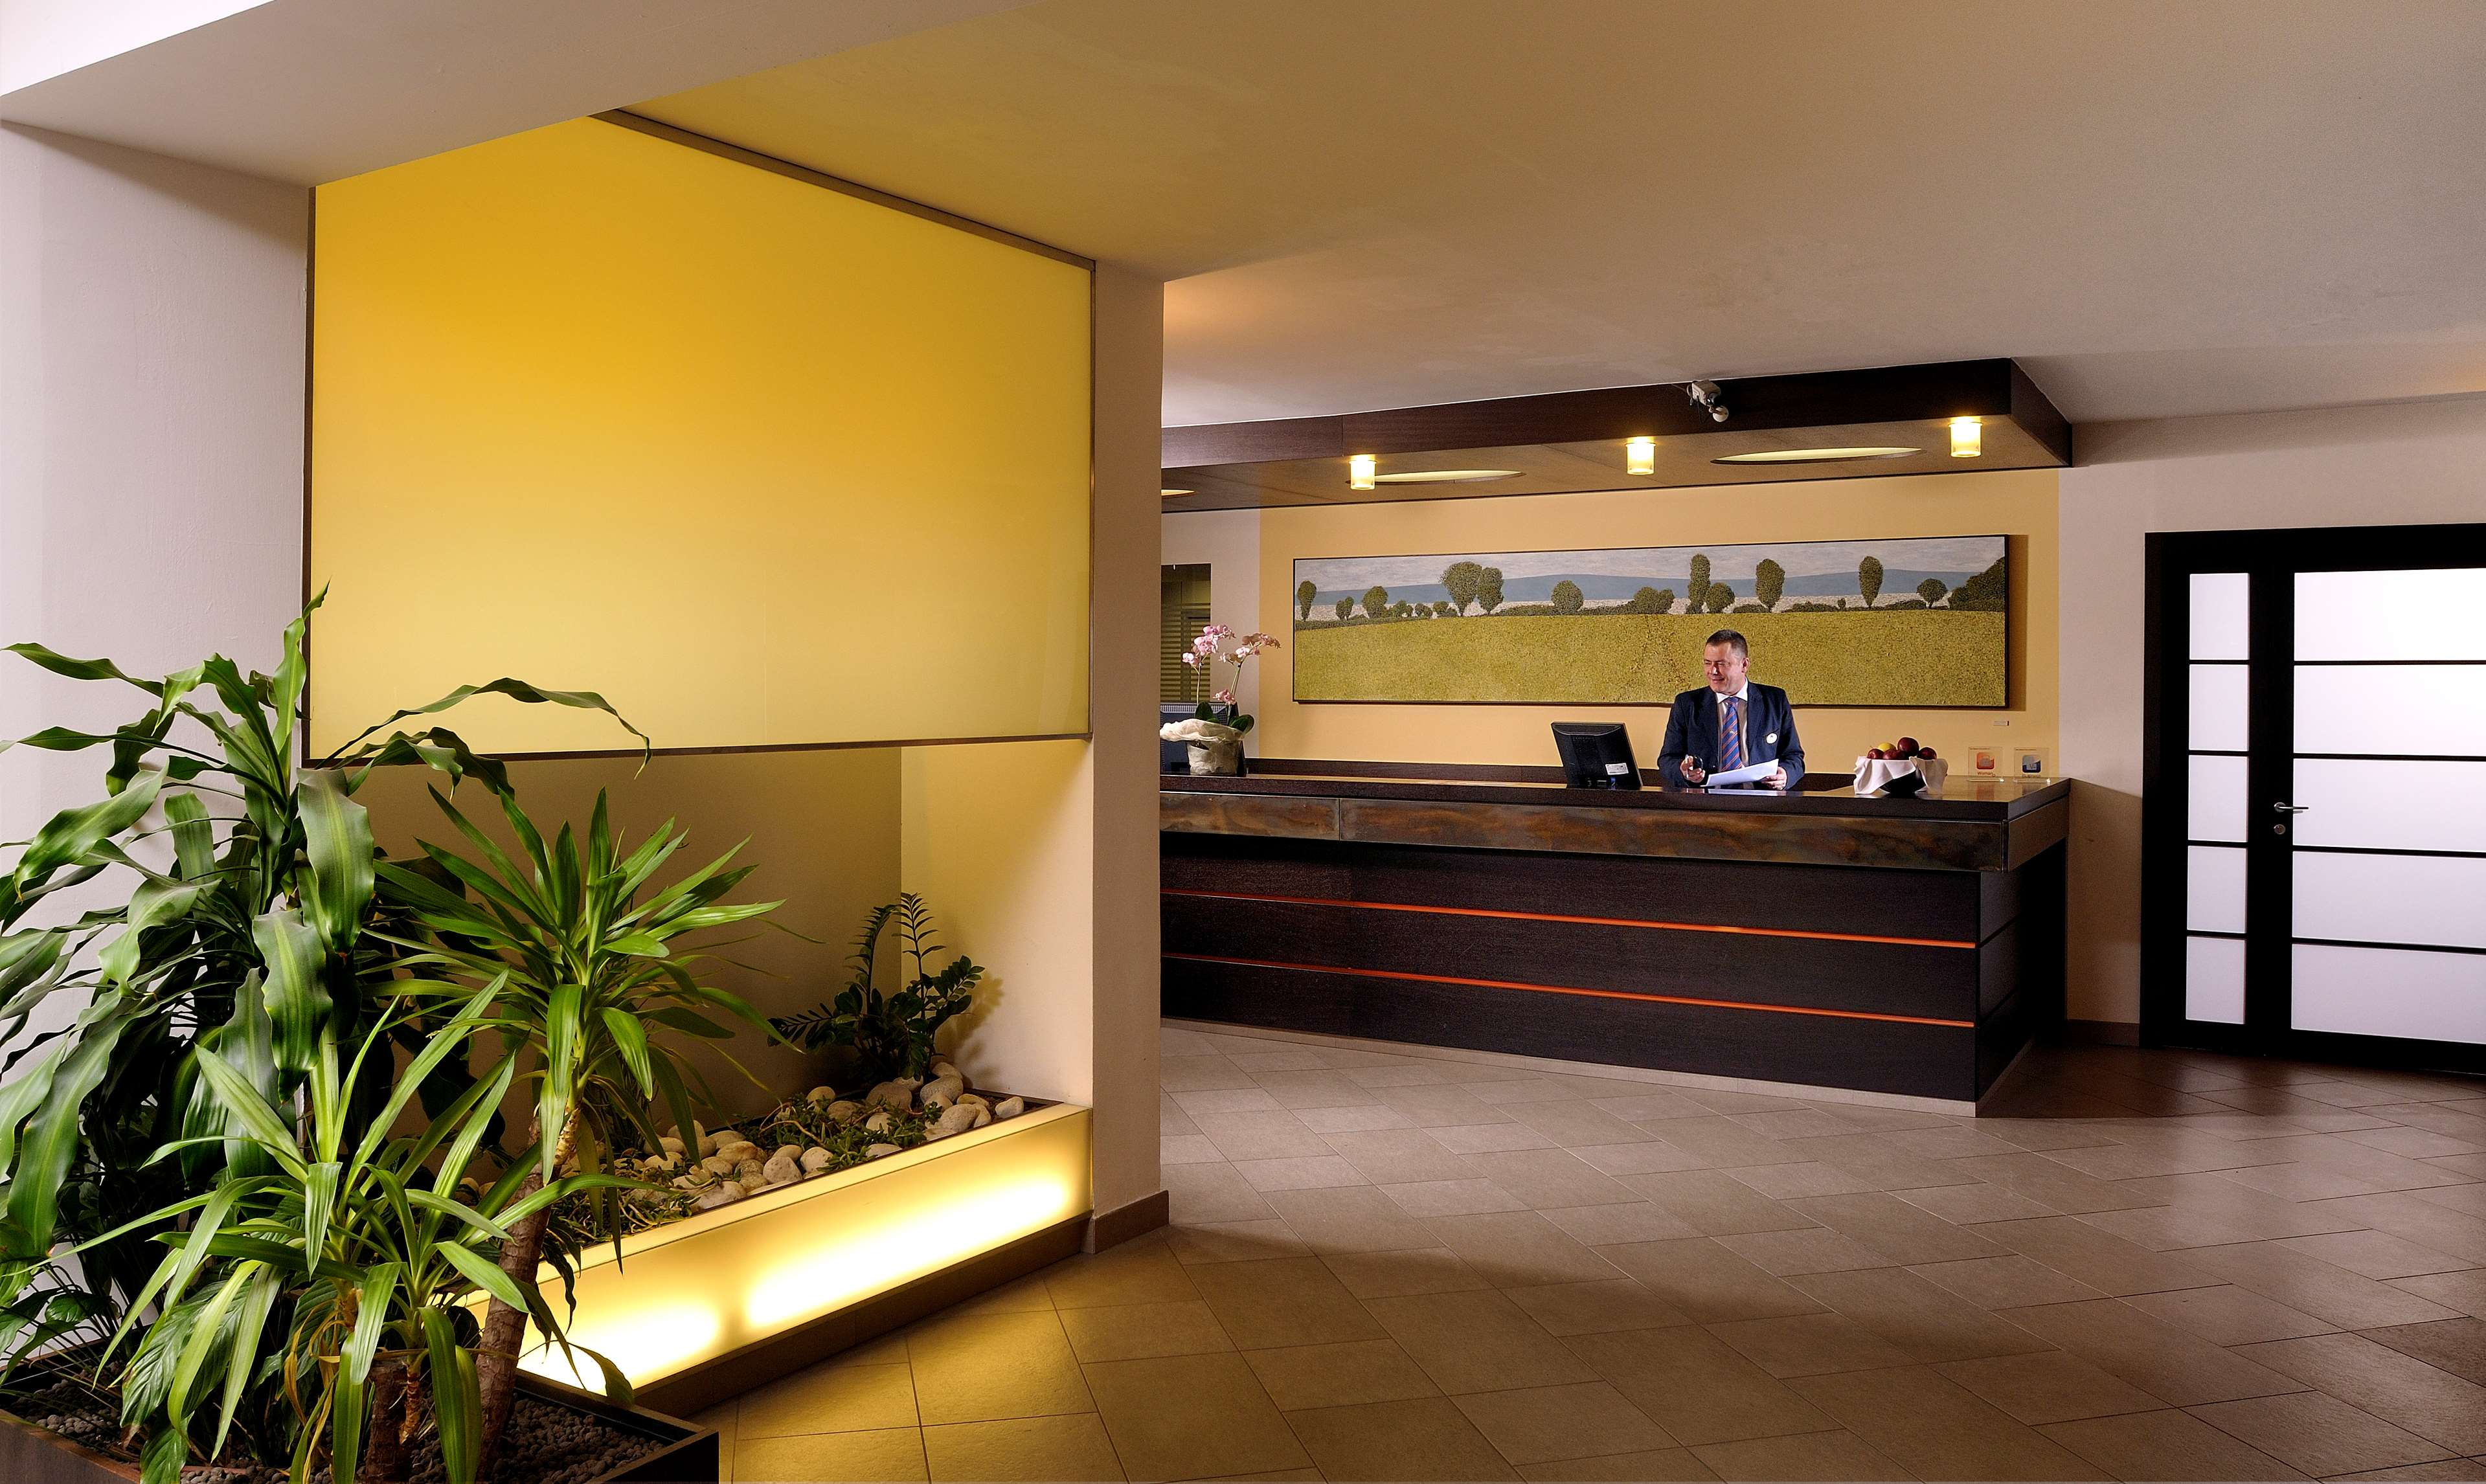 Best western city hotel alberghi alberghi ristoranti for Alberghi zola predosa